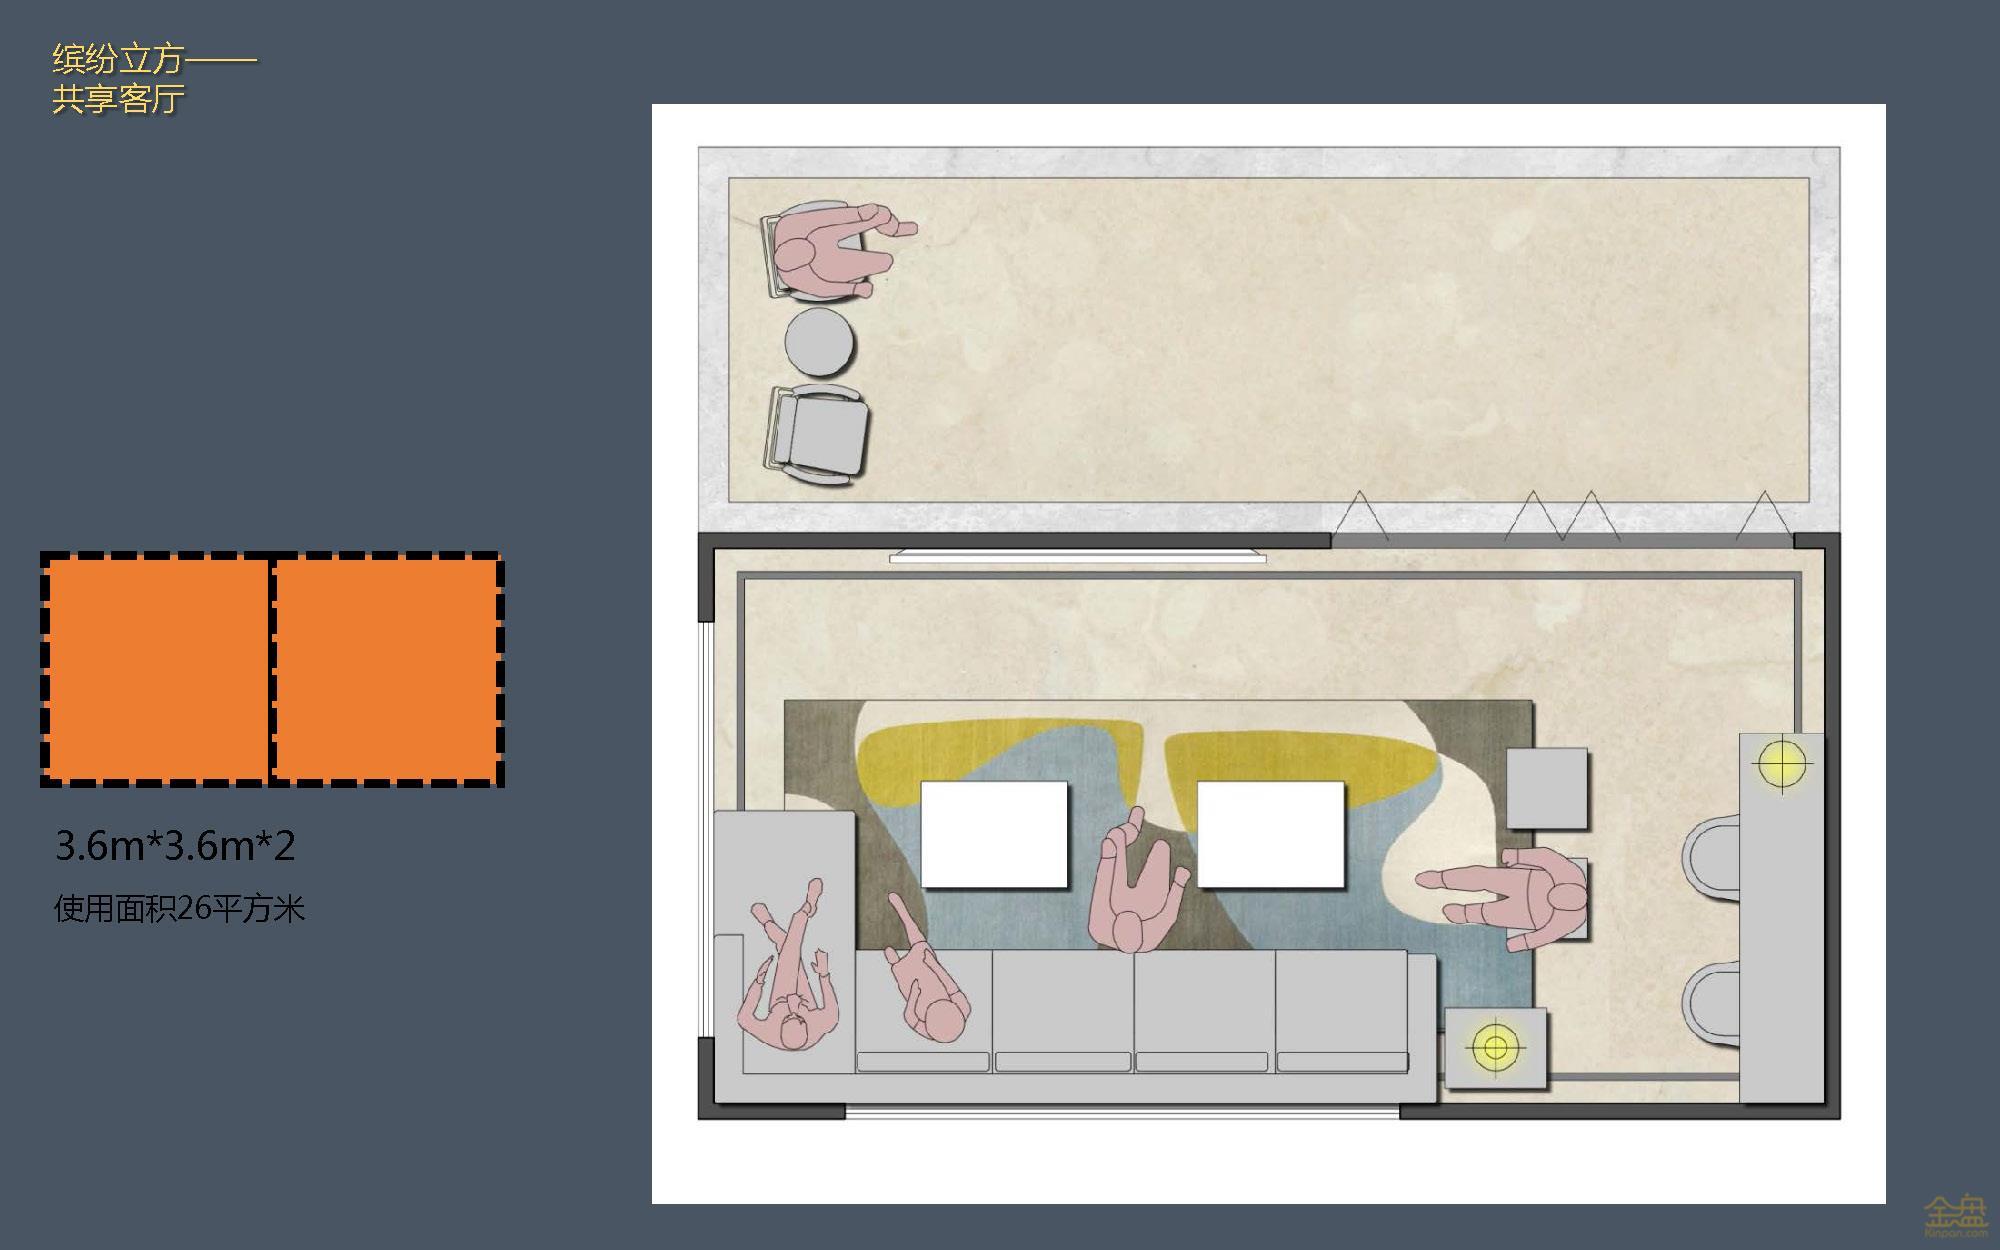 缤纷盒子—共享客厅 .jpg